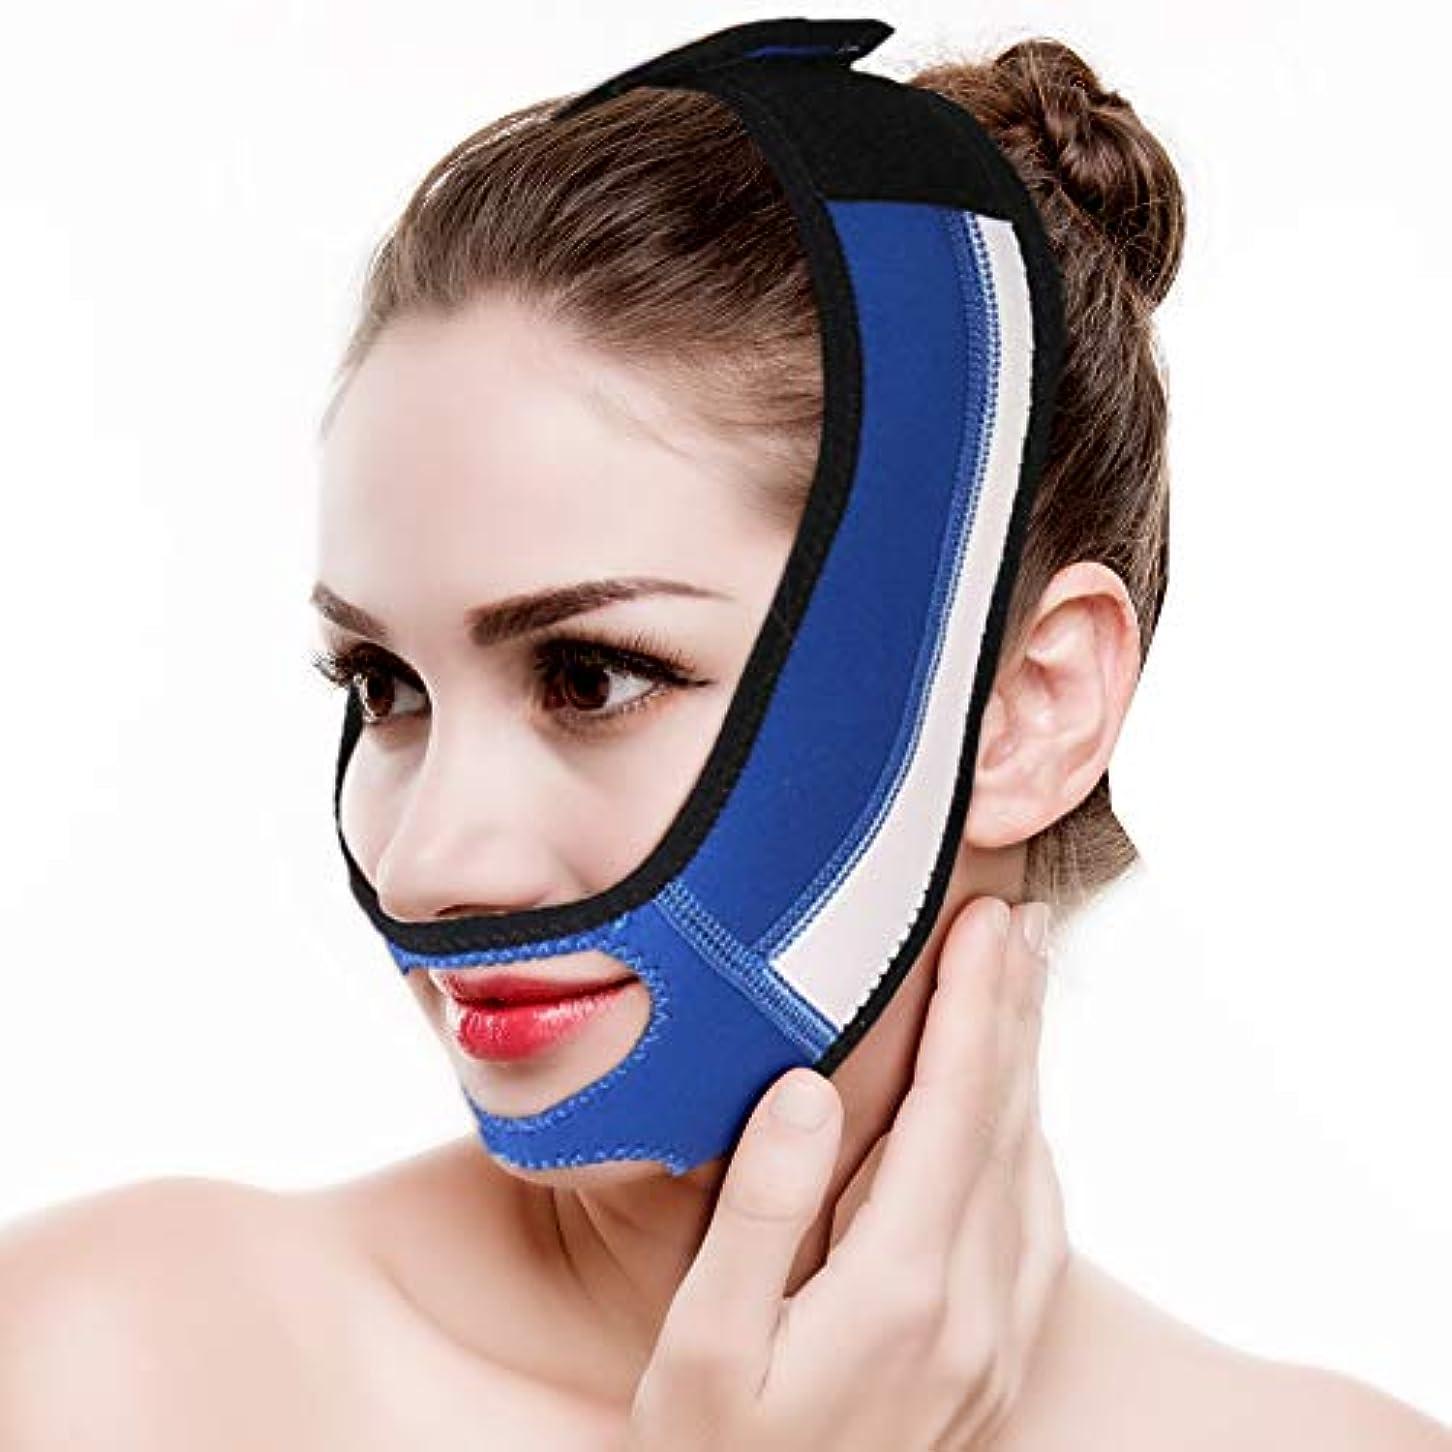 お香リダクタースポンジSemme顔の細くマスクの上昇の表面ベルトは皮の包帯を調節します、二重あごは調節可能な減量の包帯を取除きます